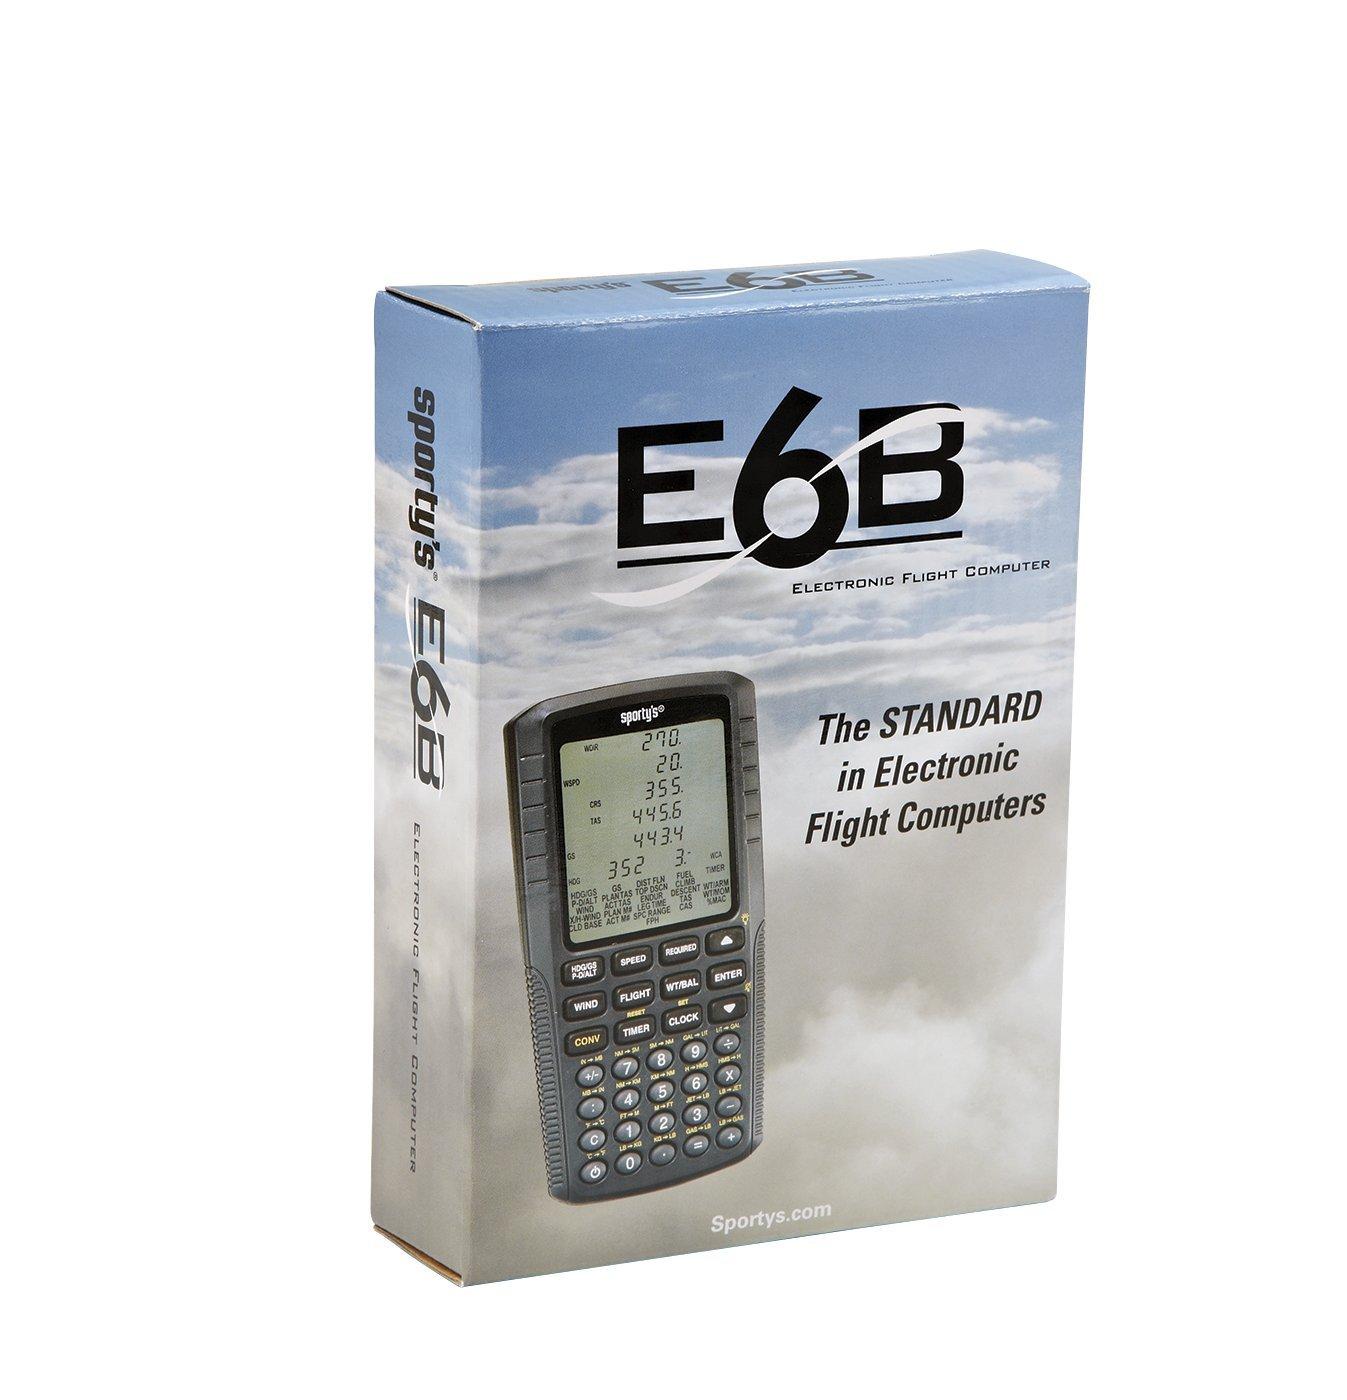 Sporty's Electronic E6B Flight Computer